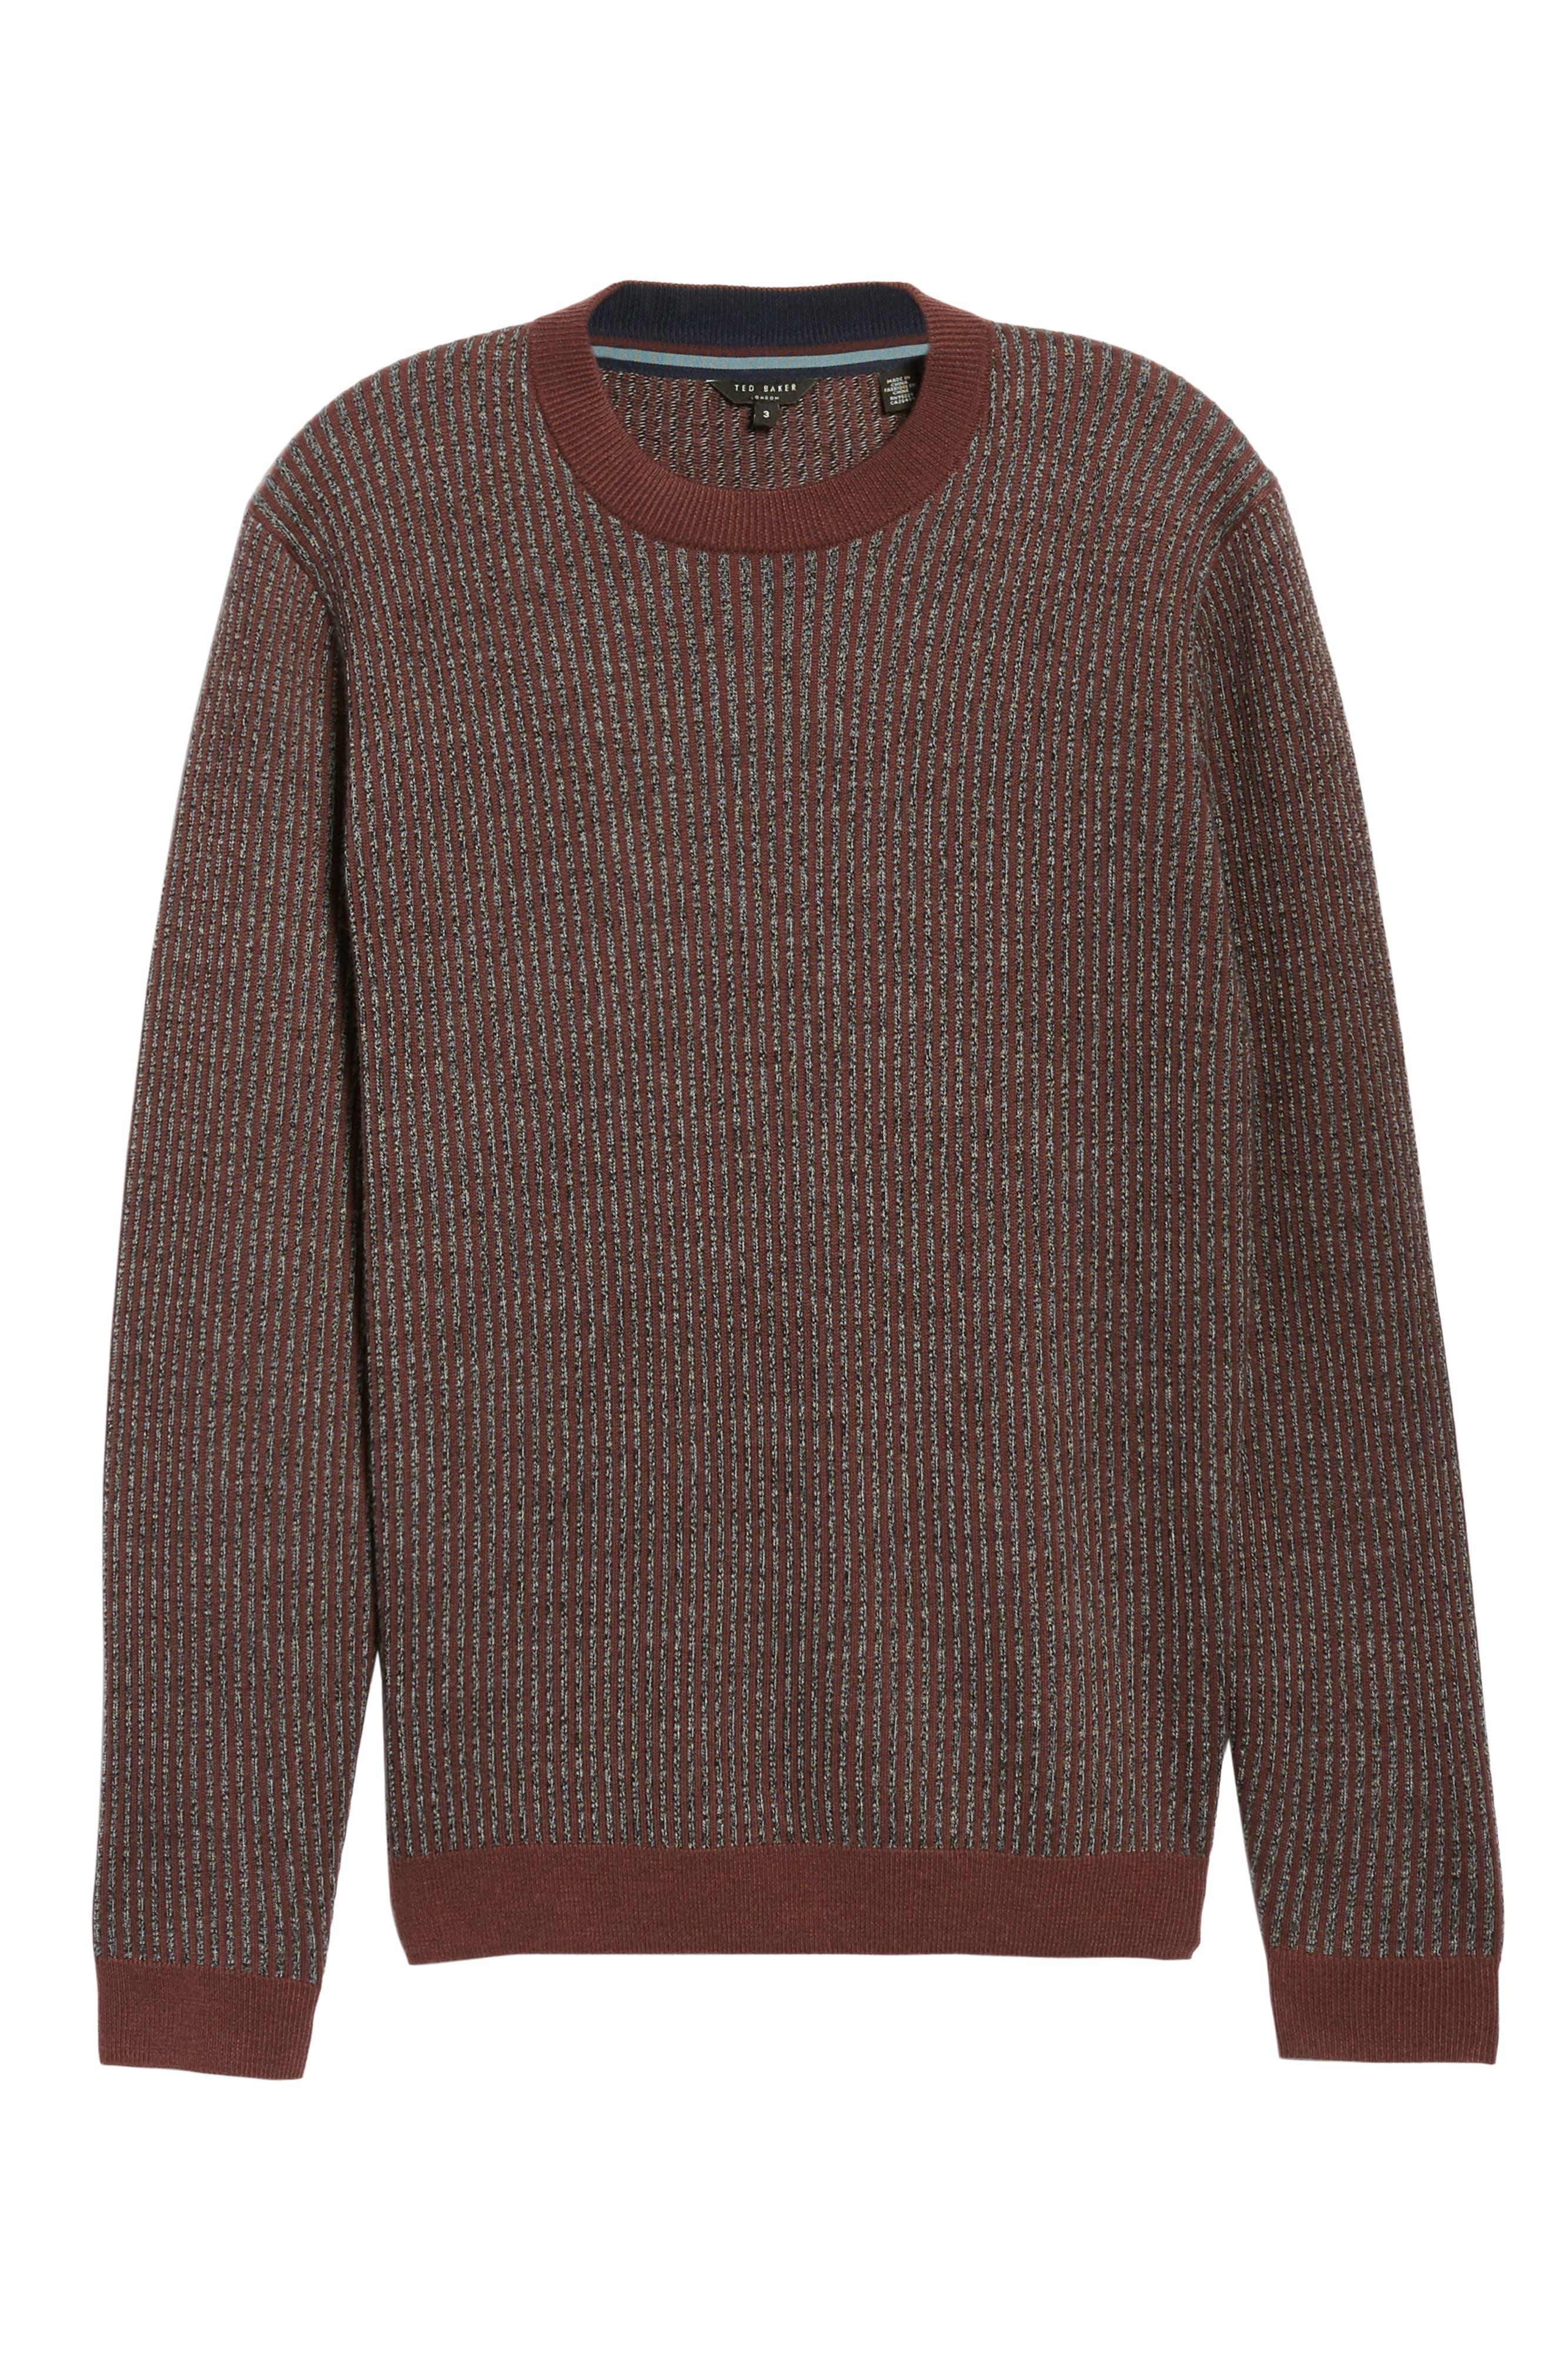 Jinxitt Crewneck Sweater,                             Alternate thumbnail 6, color,                             DEEP-PINK